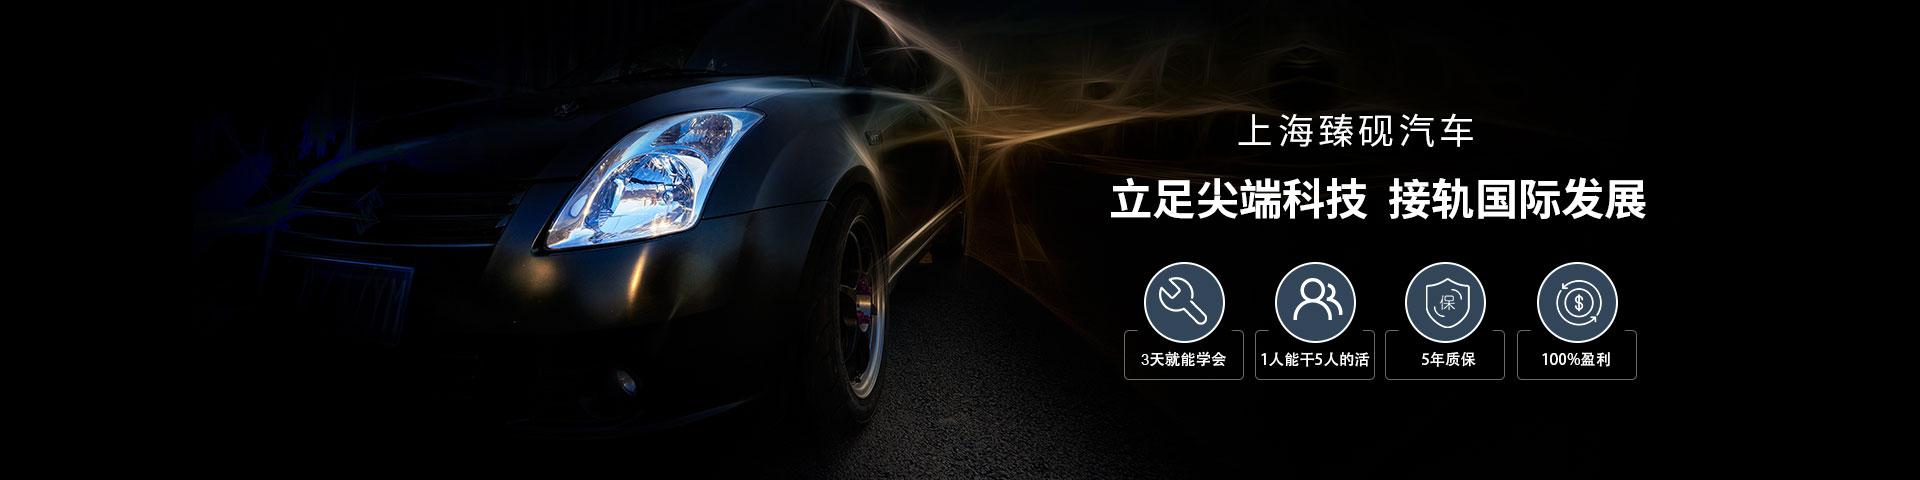 上海亚游汽车科技有限公司